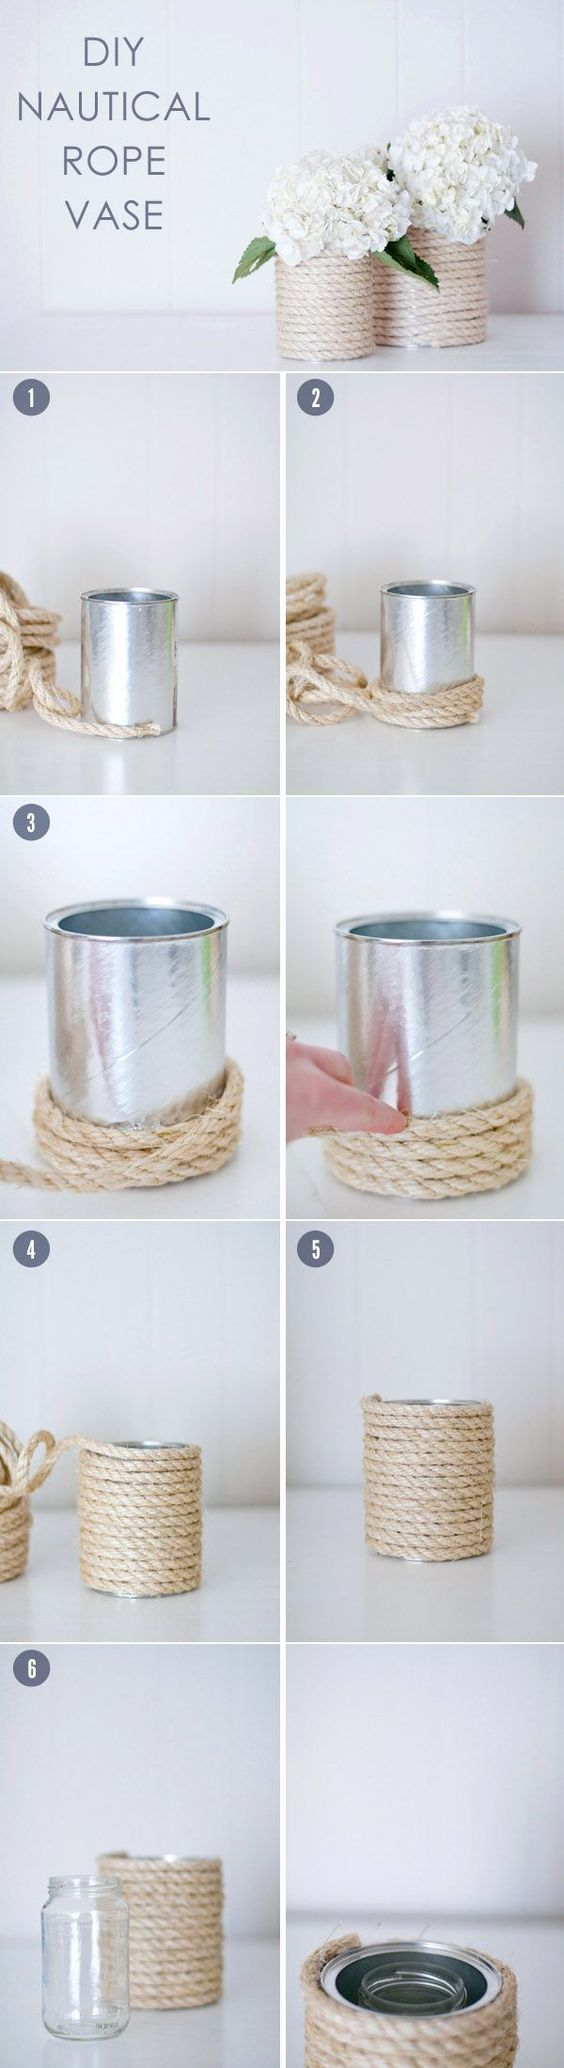 fleurs de mariage bricolage pièce maîtresse idées avec des vases de corde nautique